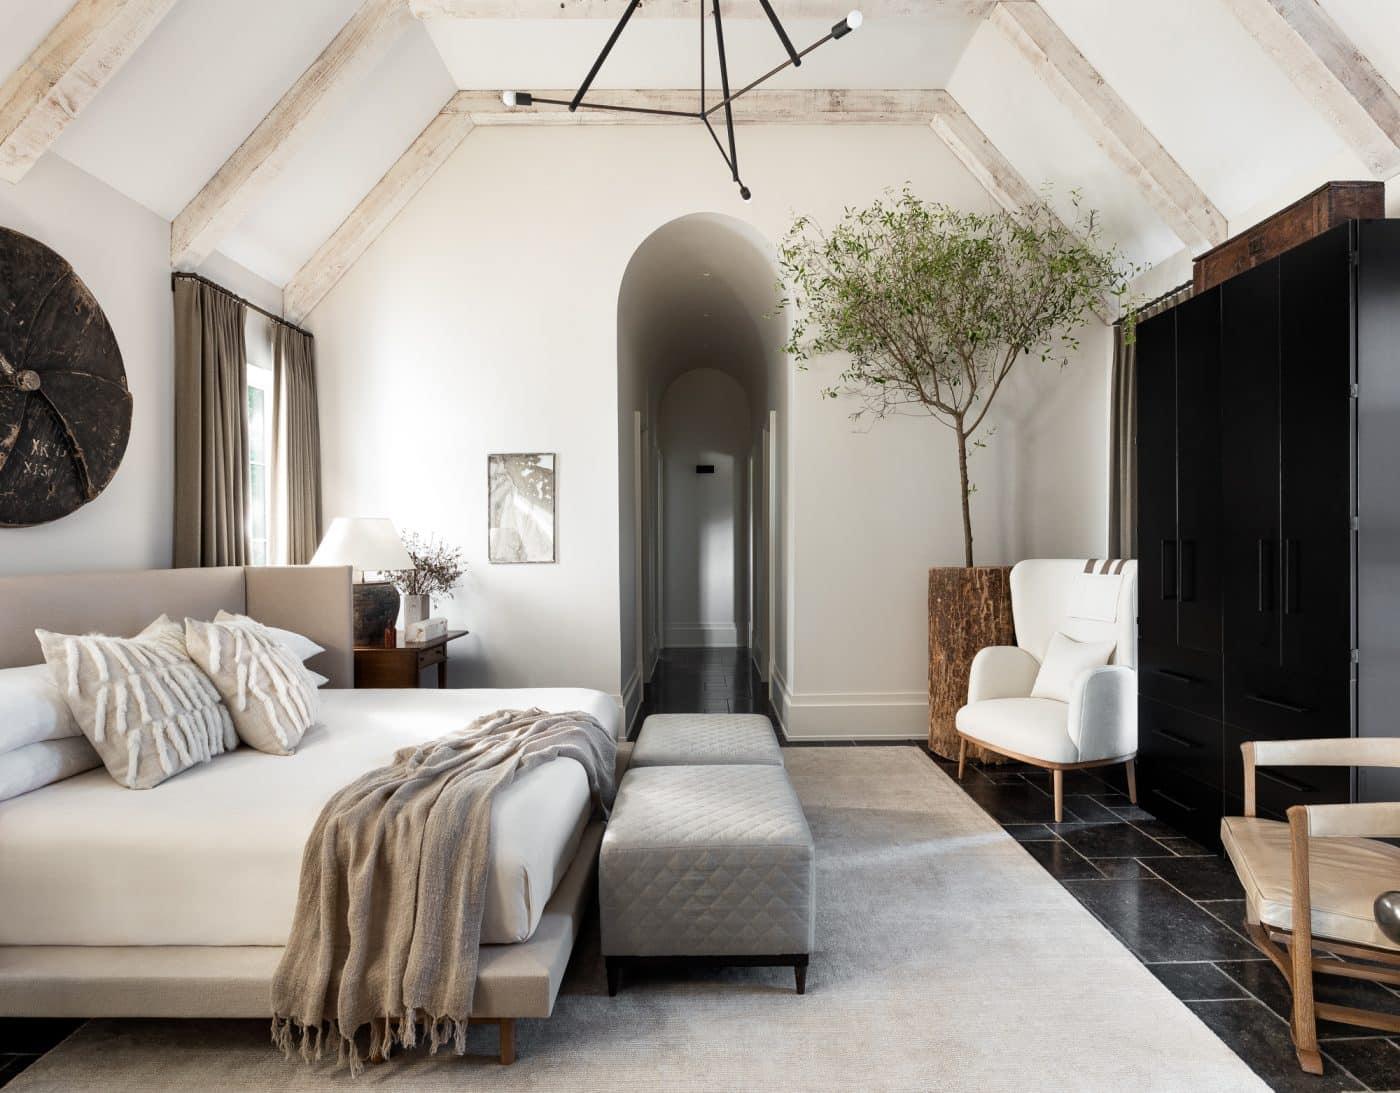 Bedroom designed by Sean Anderson